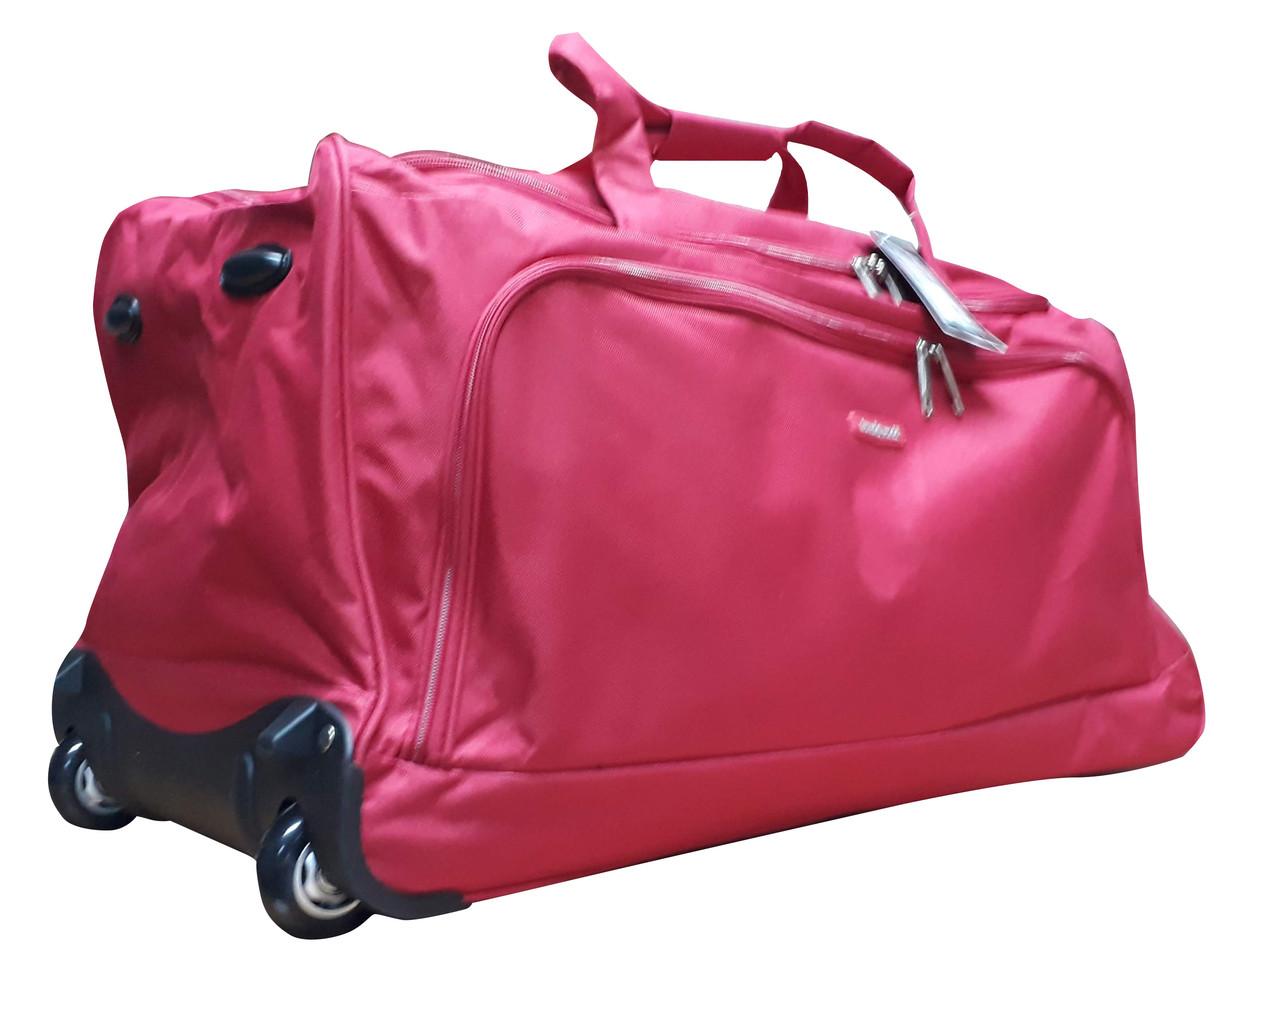 Большая Дорожная сумка на колесах Cannes c выдвижной ручкой Красная